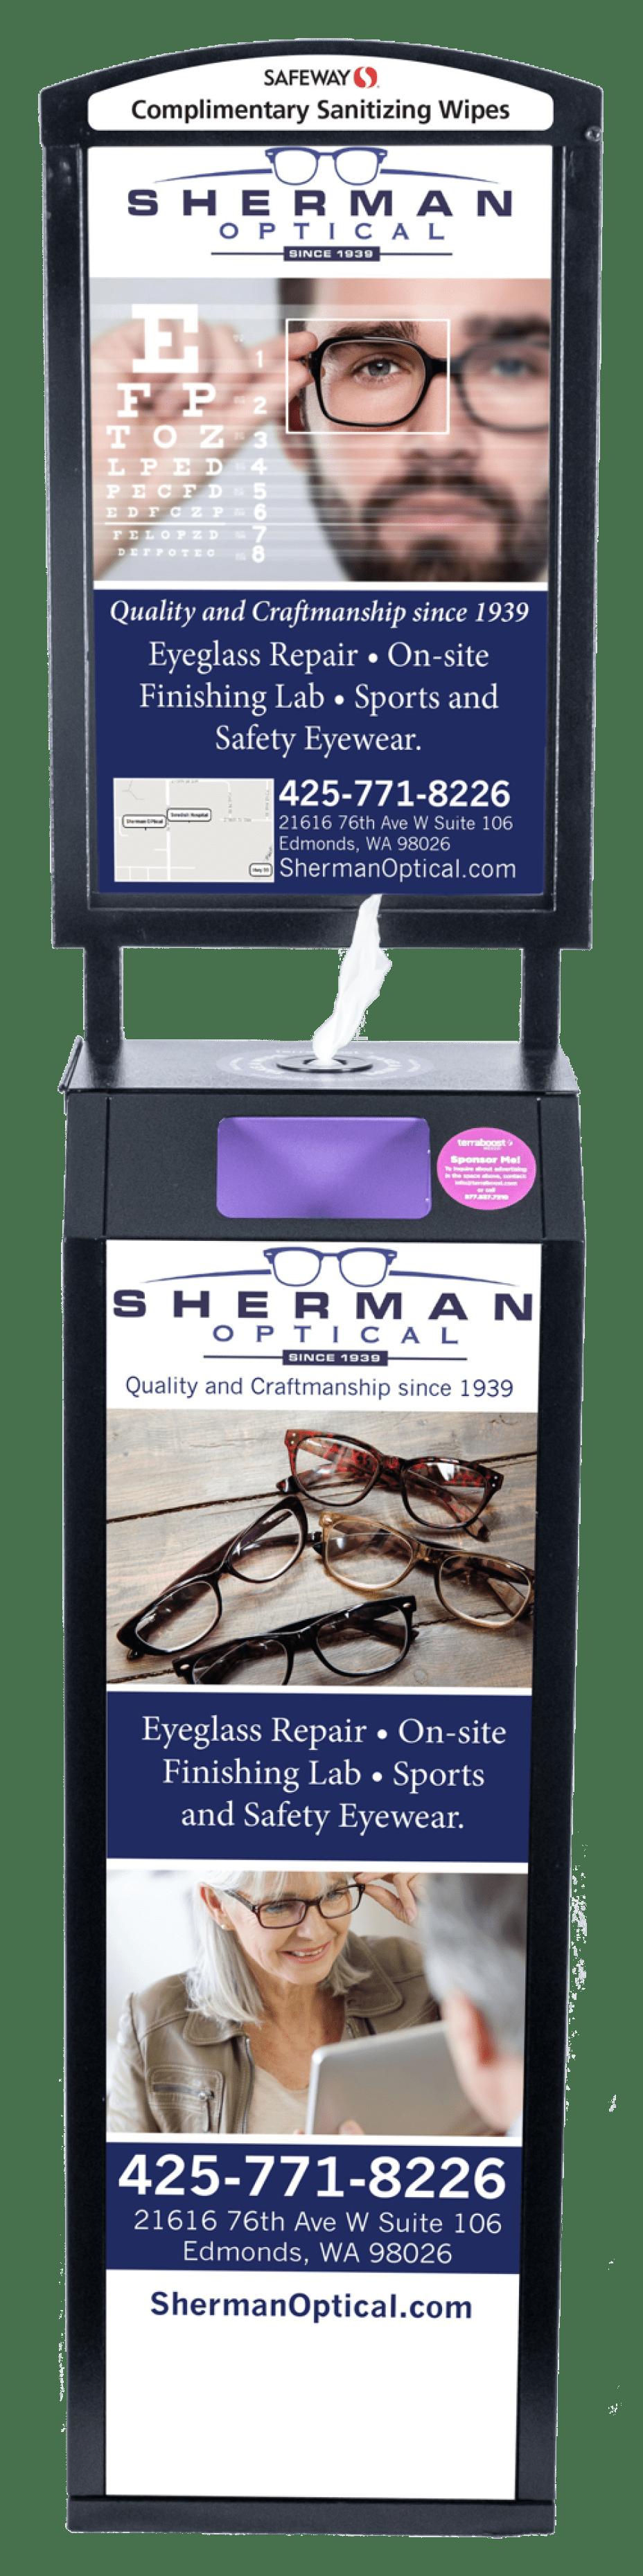 sherman optical wellness billboard ad